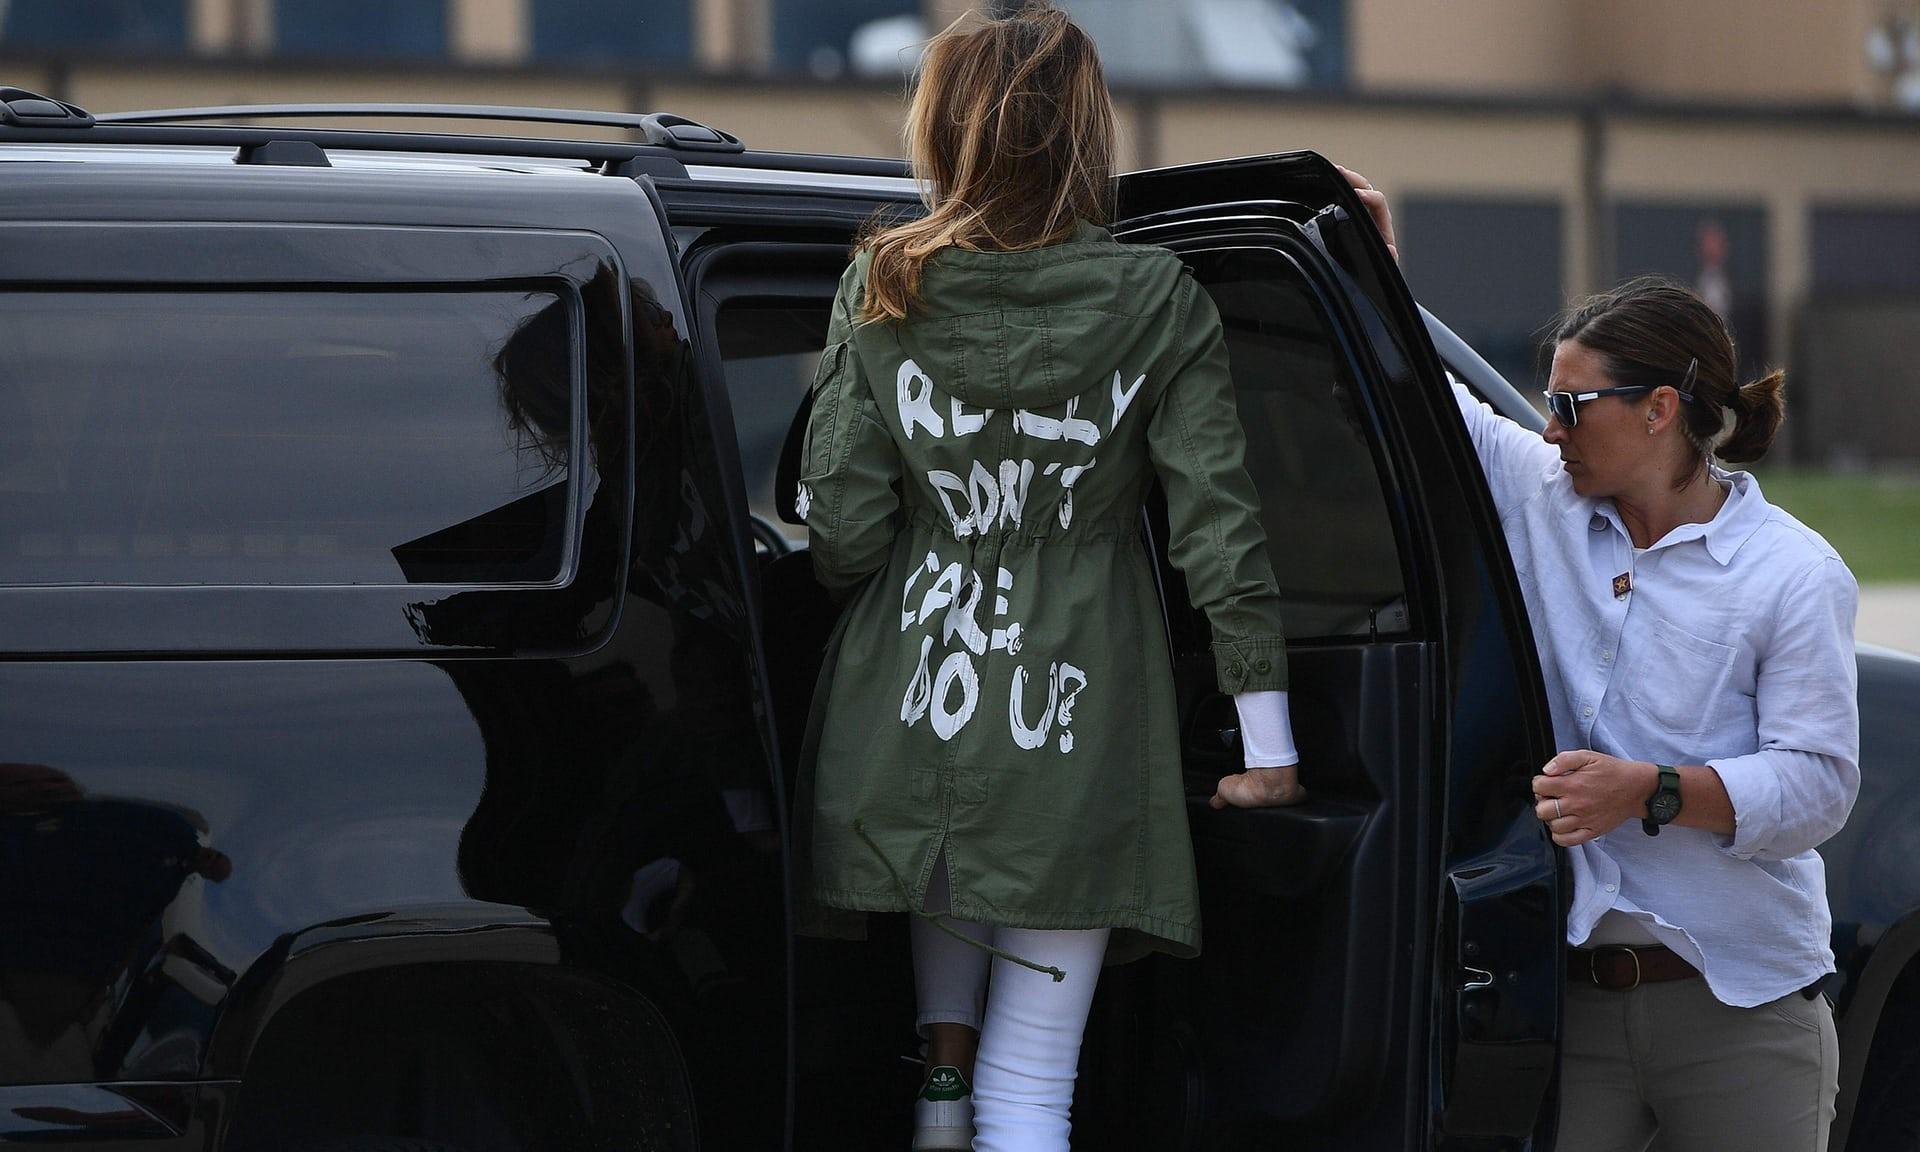 ¿Qué es lo que Melania Trump intenta decir?